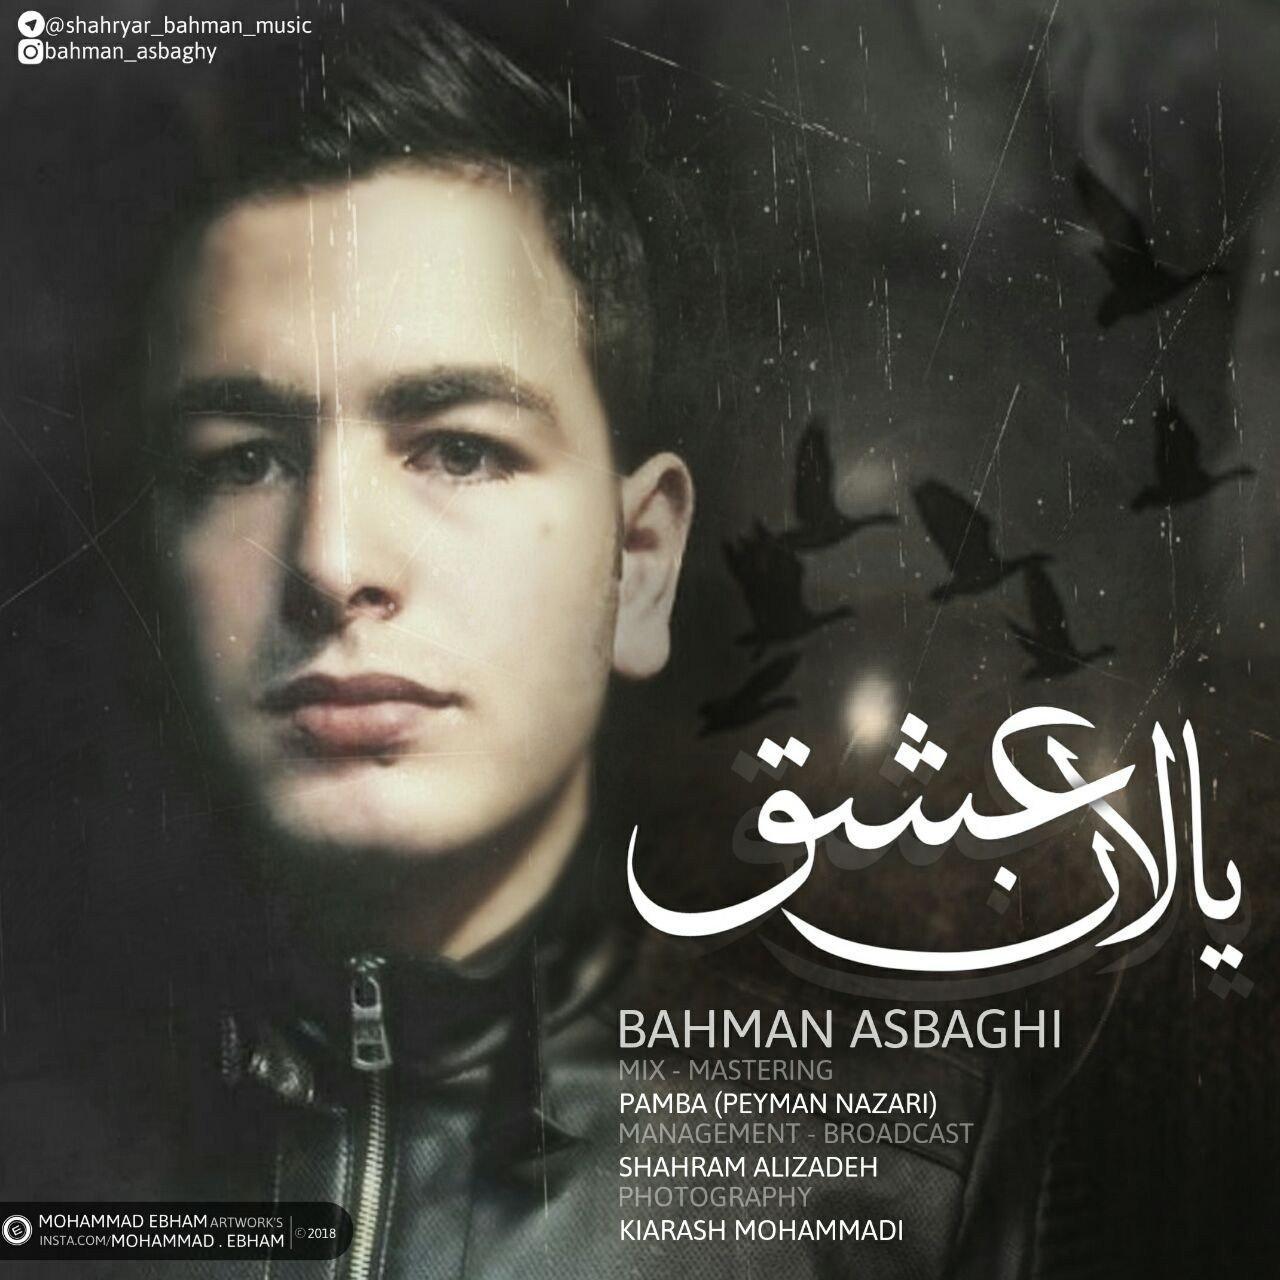 دانلود آهنگ جدید بهمن اسبقی به نام یالان عشق